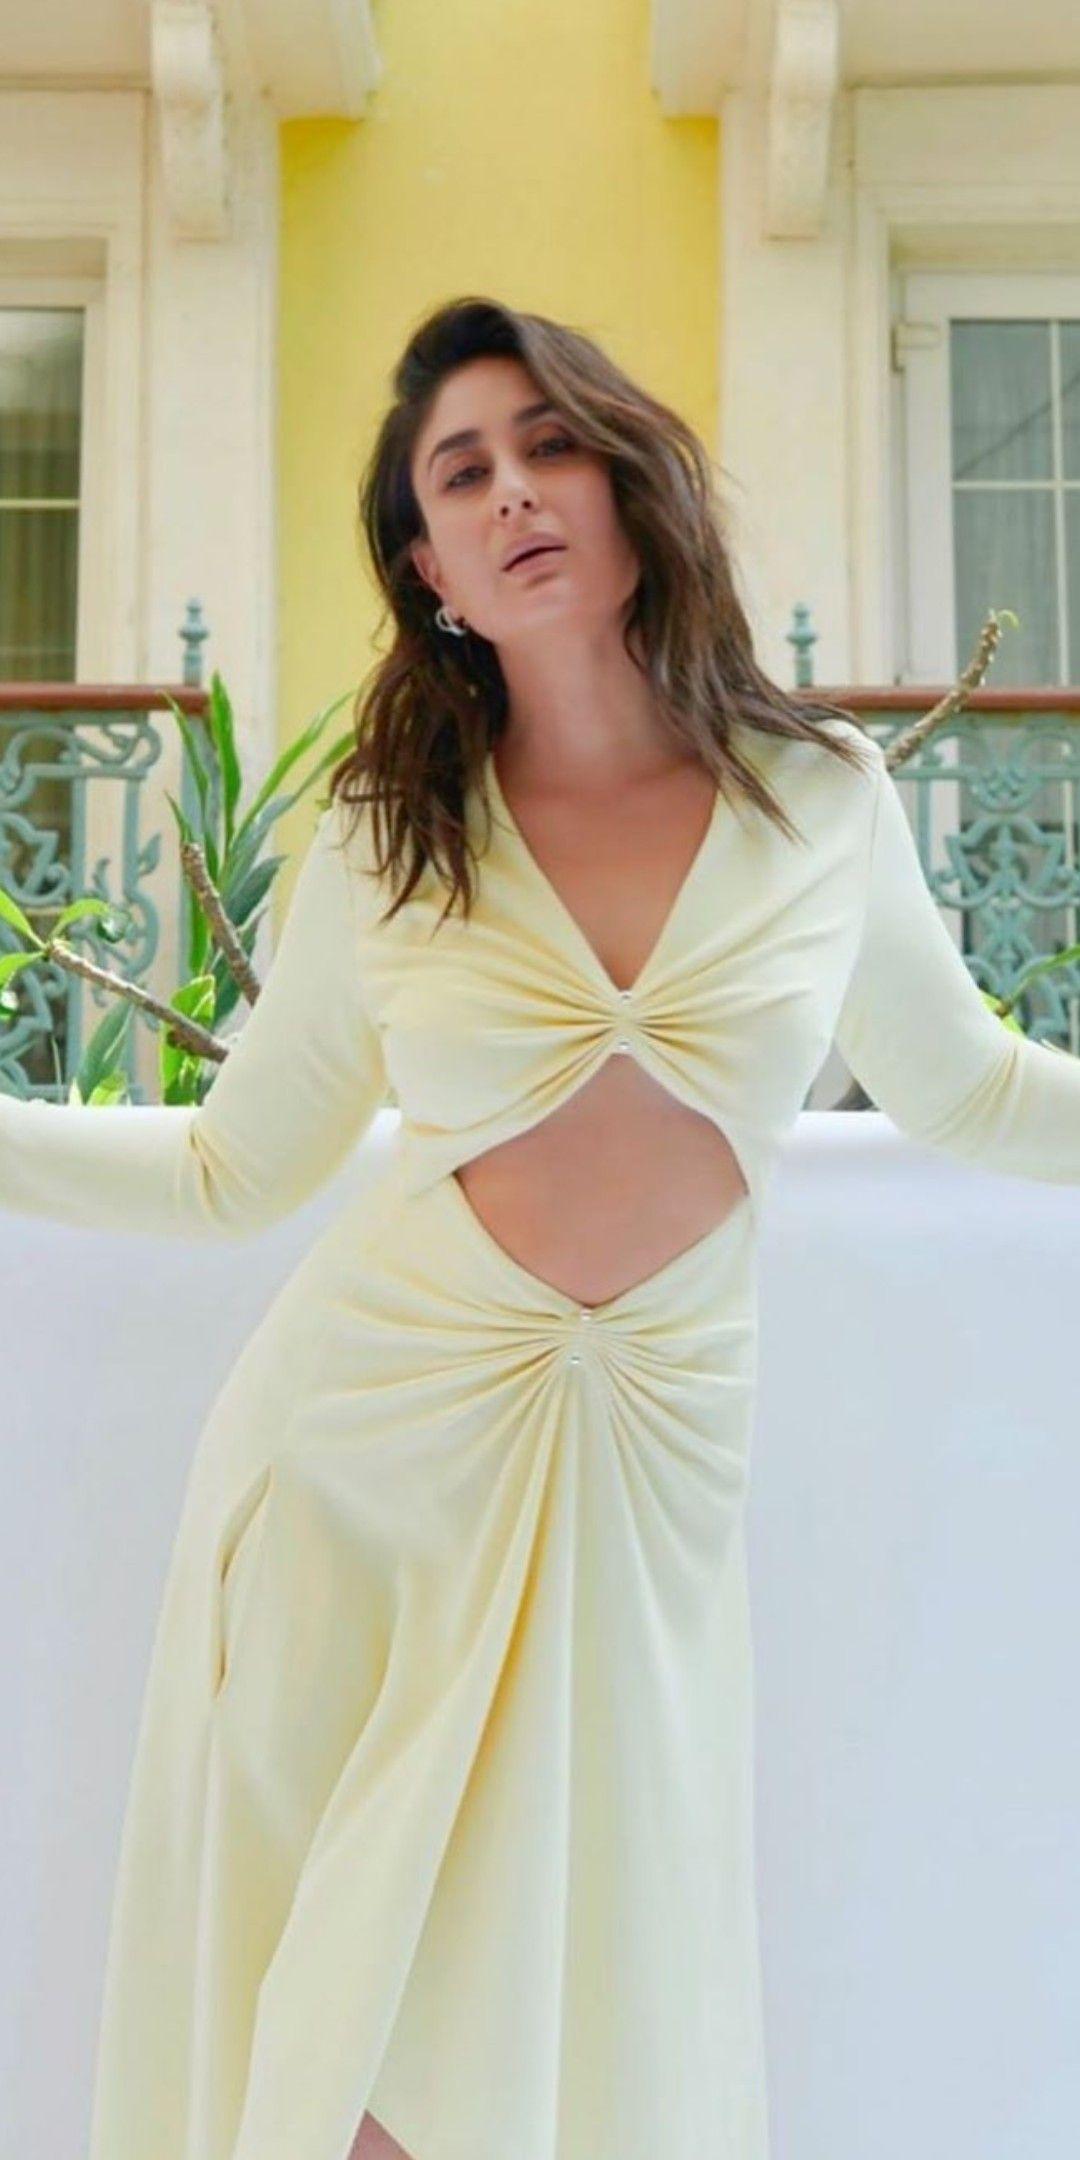 Pin By Umar Wani On Kareena Kapoor Bollywood Actress Hot Photos Indian Bollywood Actress Kareena Kapoor Khan